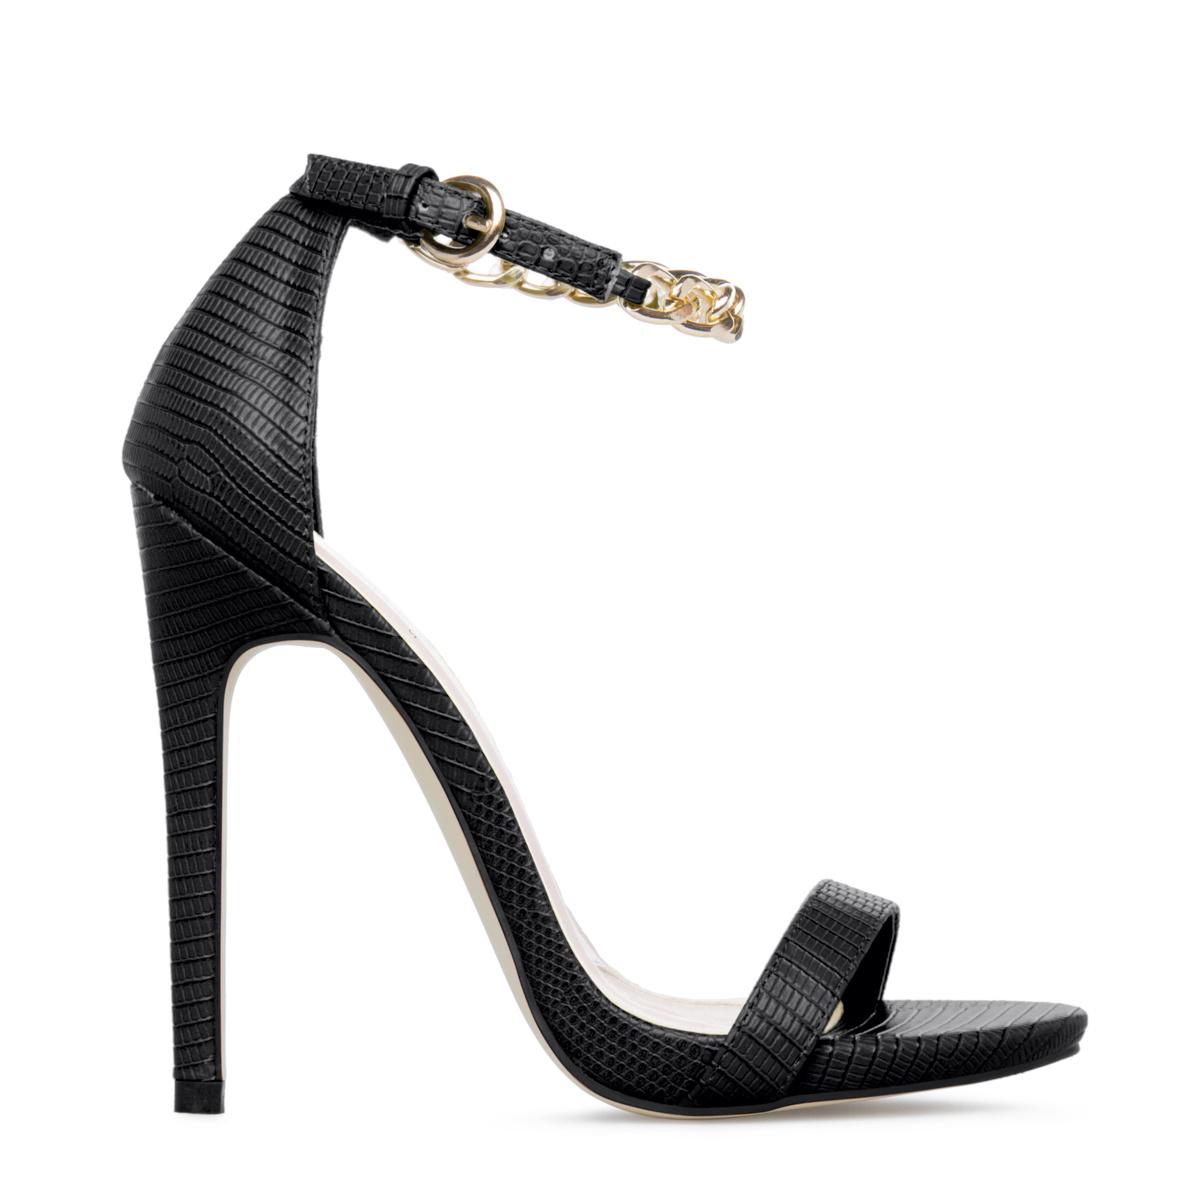 Vanette Black High Heels Women&39s High Heel Sandals Sexy Summer